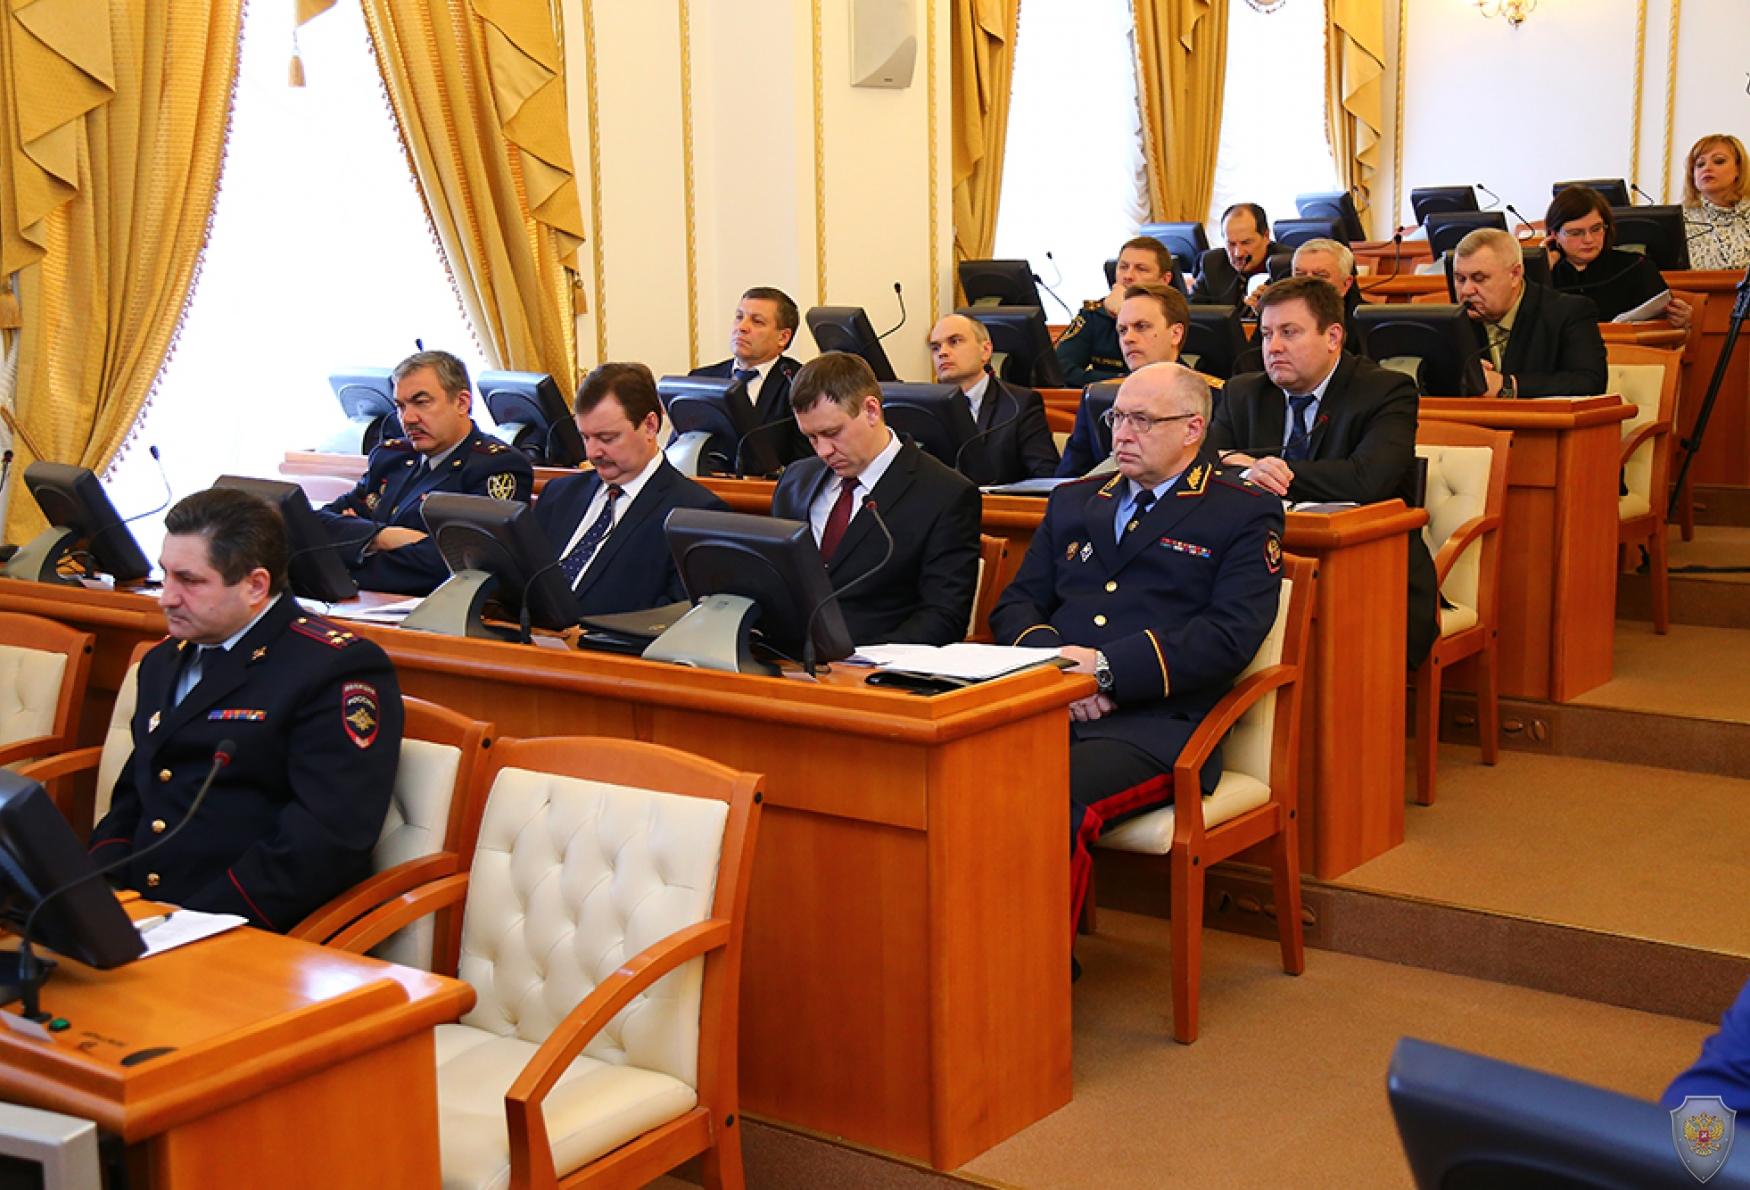 Совместное заседание антитеррористической комиссии и Оперативного штаба Курганской области